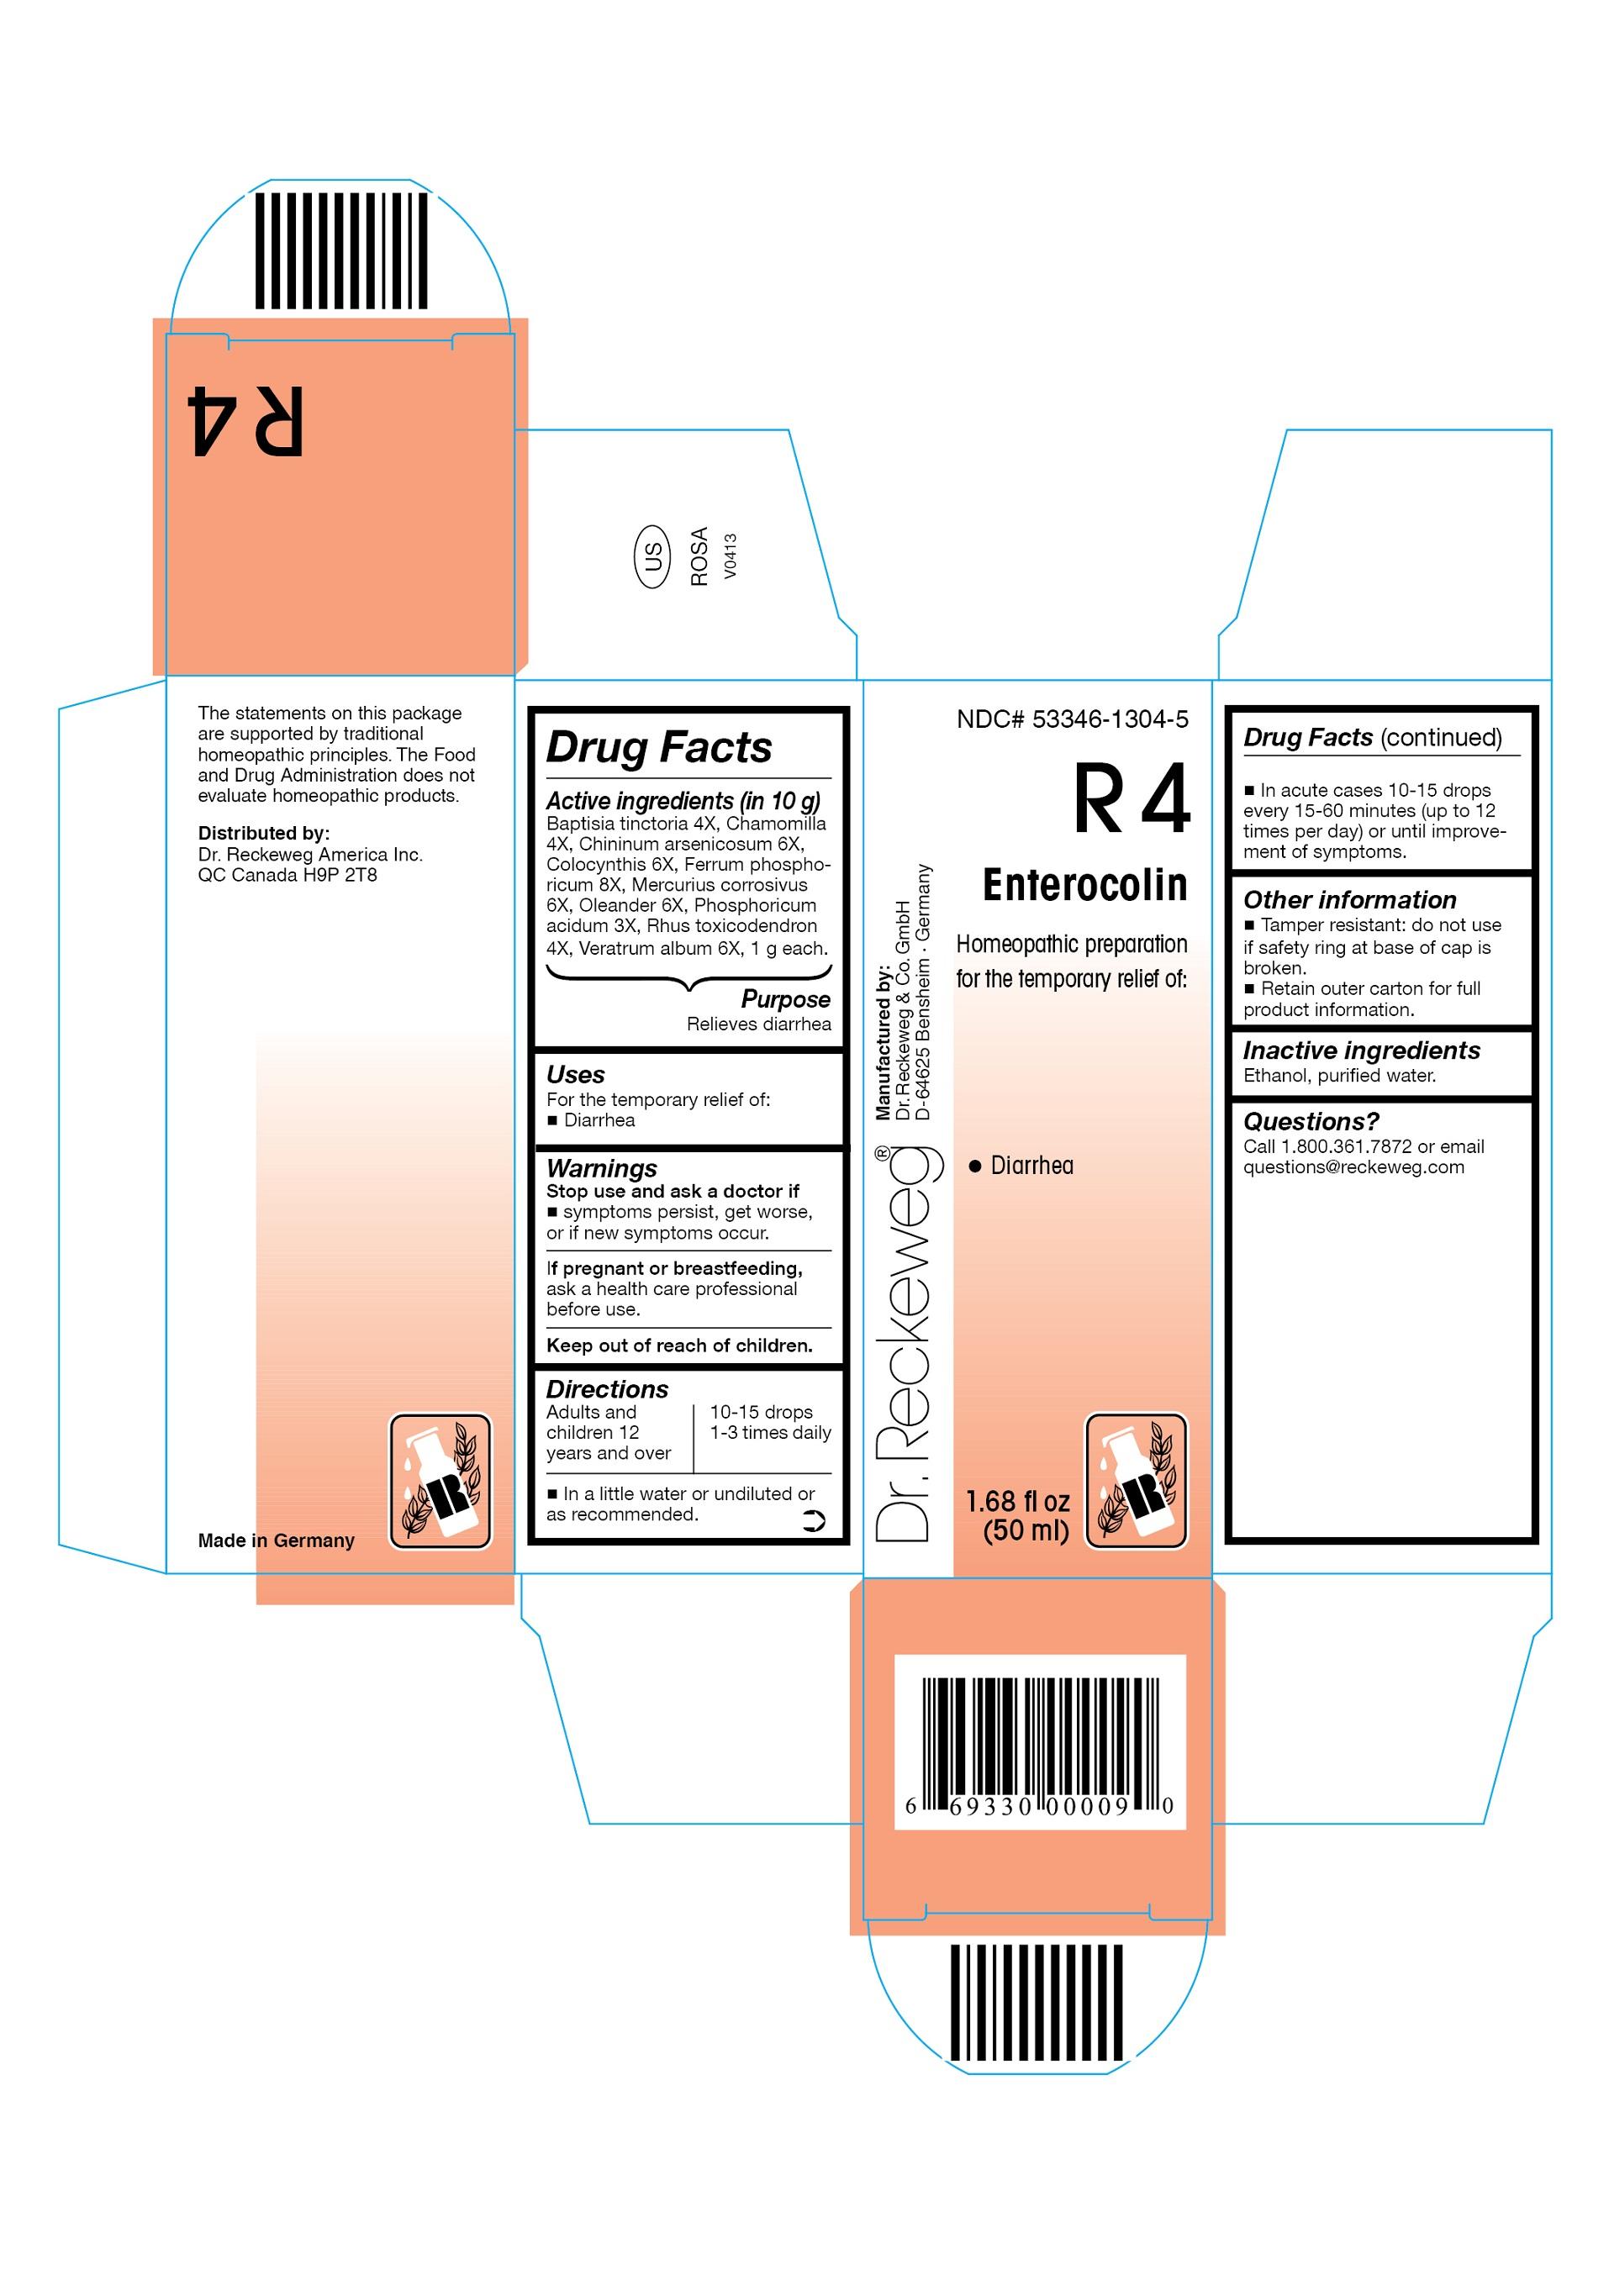 Dr. Reckeweg R4 Enterocolin Combination Product (Baptisia Tinctoria 4x, Chamomilla 4x, Chininum Arsenicosum 6x, Colocynthis 6x, Ferrum Phosphoricum 8x, Mercurius Corrosivus 6x, Oleander 6x, Phosphoricum Acidum 3x, Rhus Toxicodendron 4x, Veratrum Album 6x) Liquid [Pharmazeutische Fabrik Dr. Reckeweg & Co]